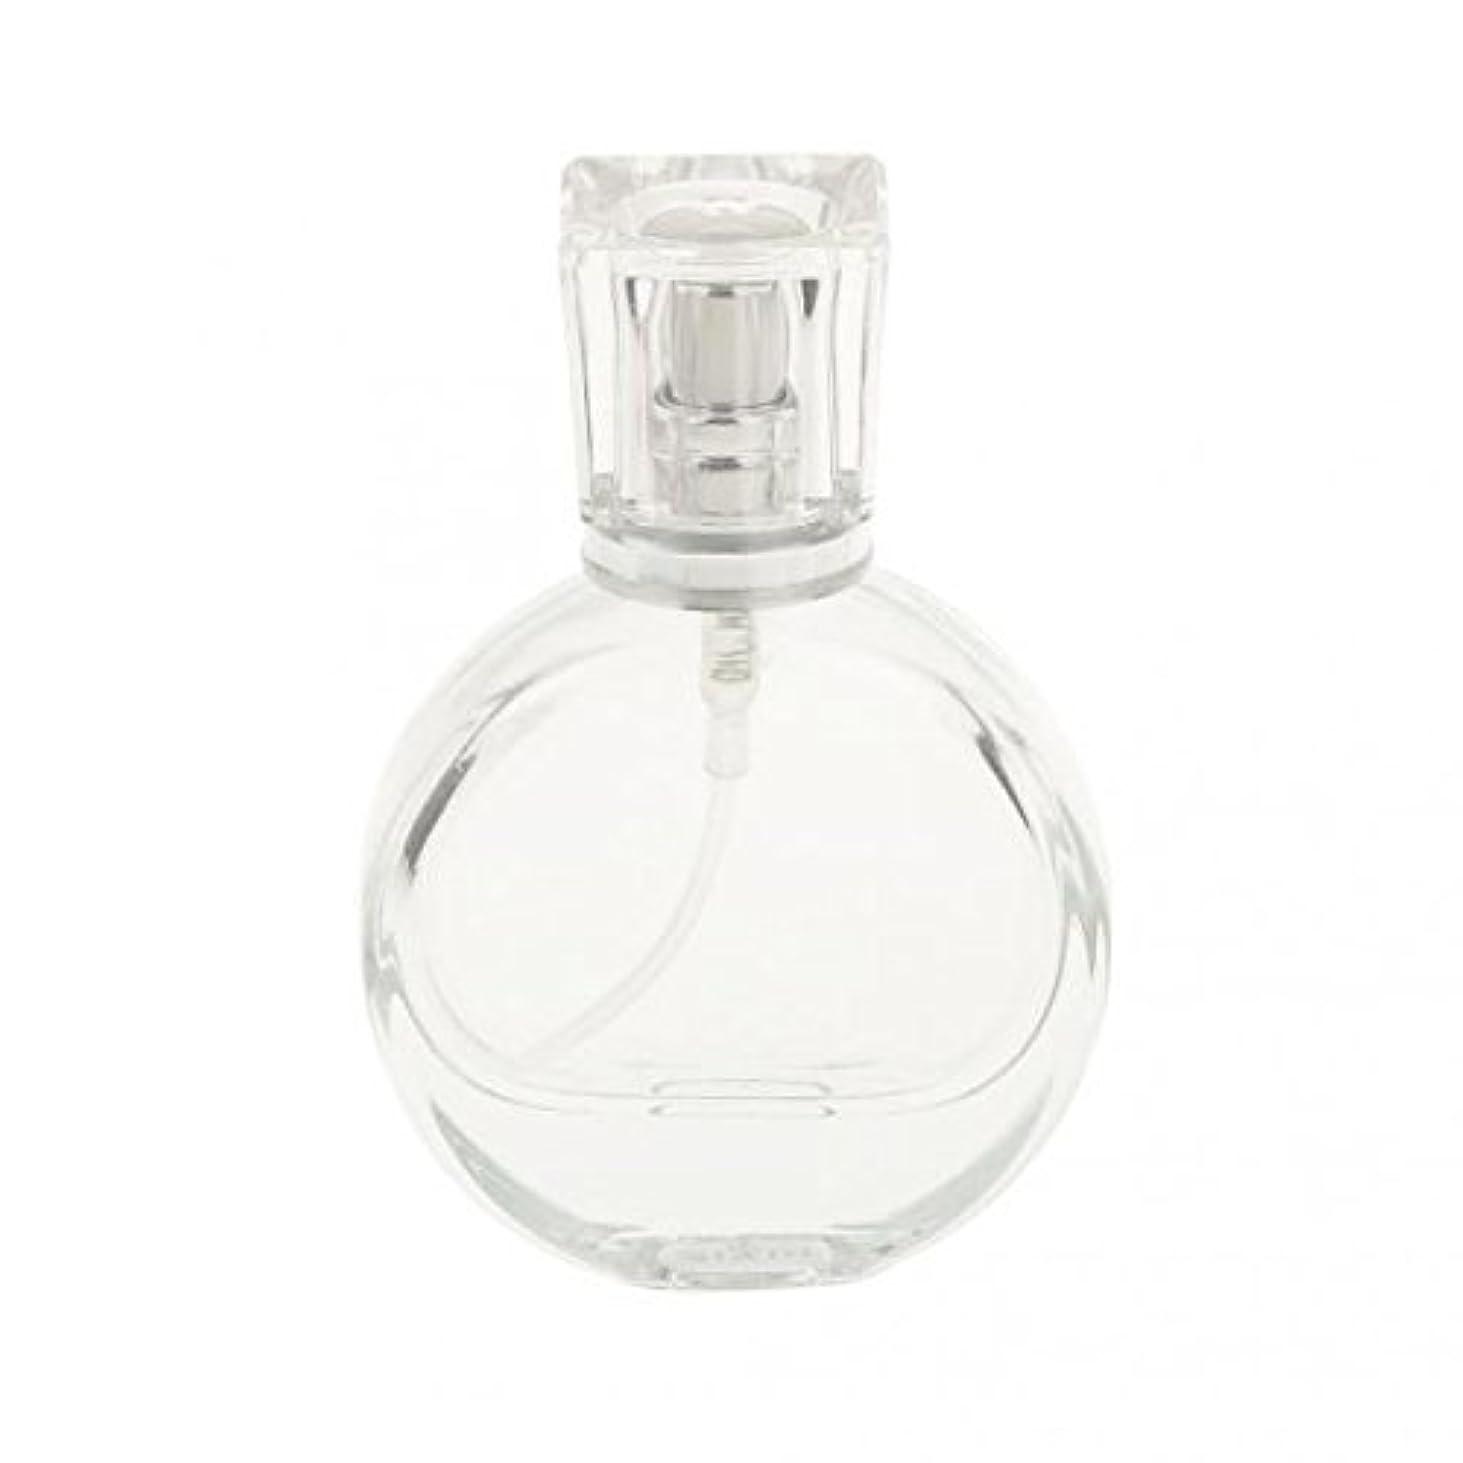 わずかにマラウイ必要性ノーブランド品 2枚 ガラス製 香水スプレーボトル 矩形 丸い アトマイザー 詰め替え 旅行収納 全3パタン - 20ミリリットル